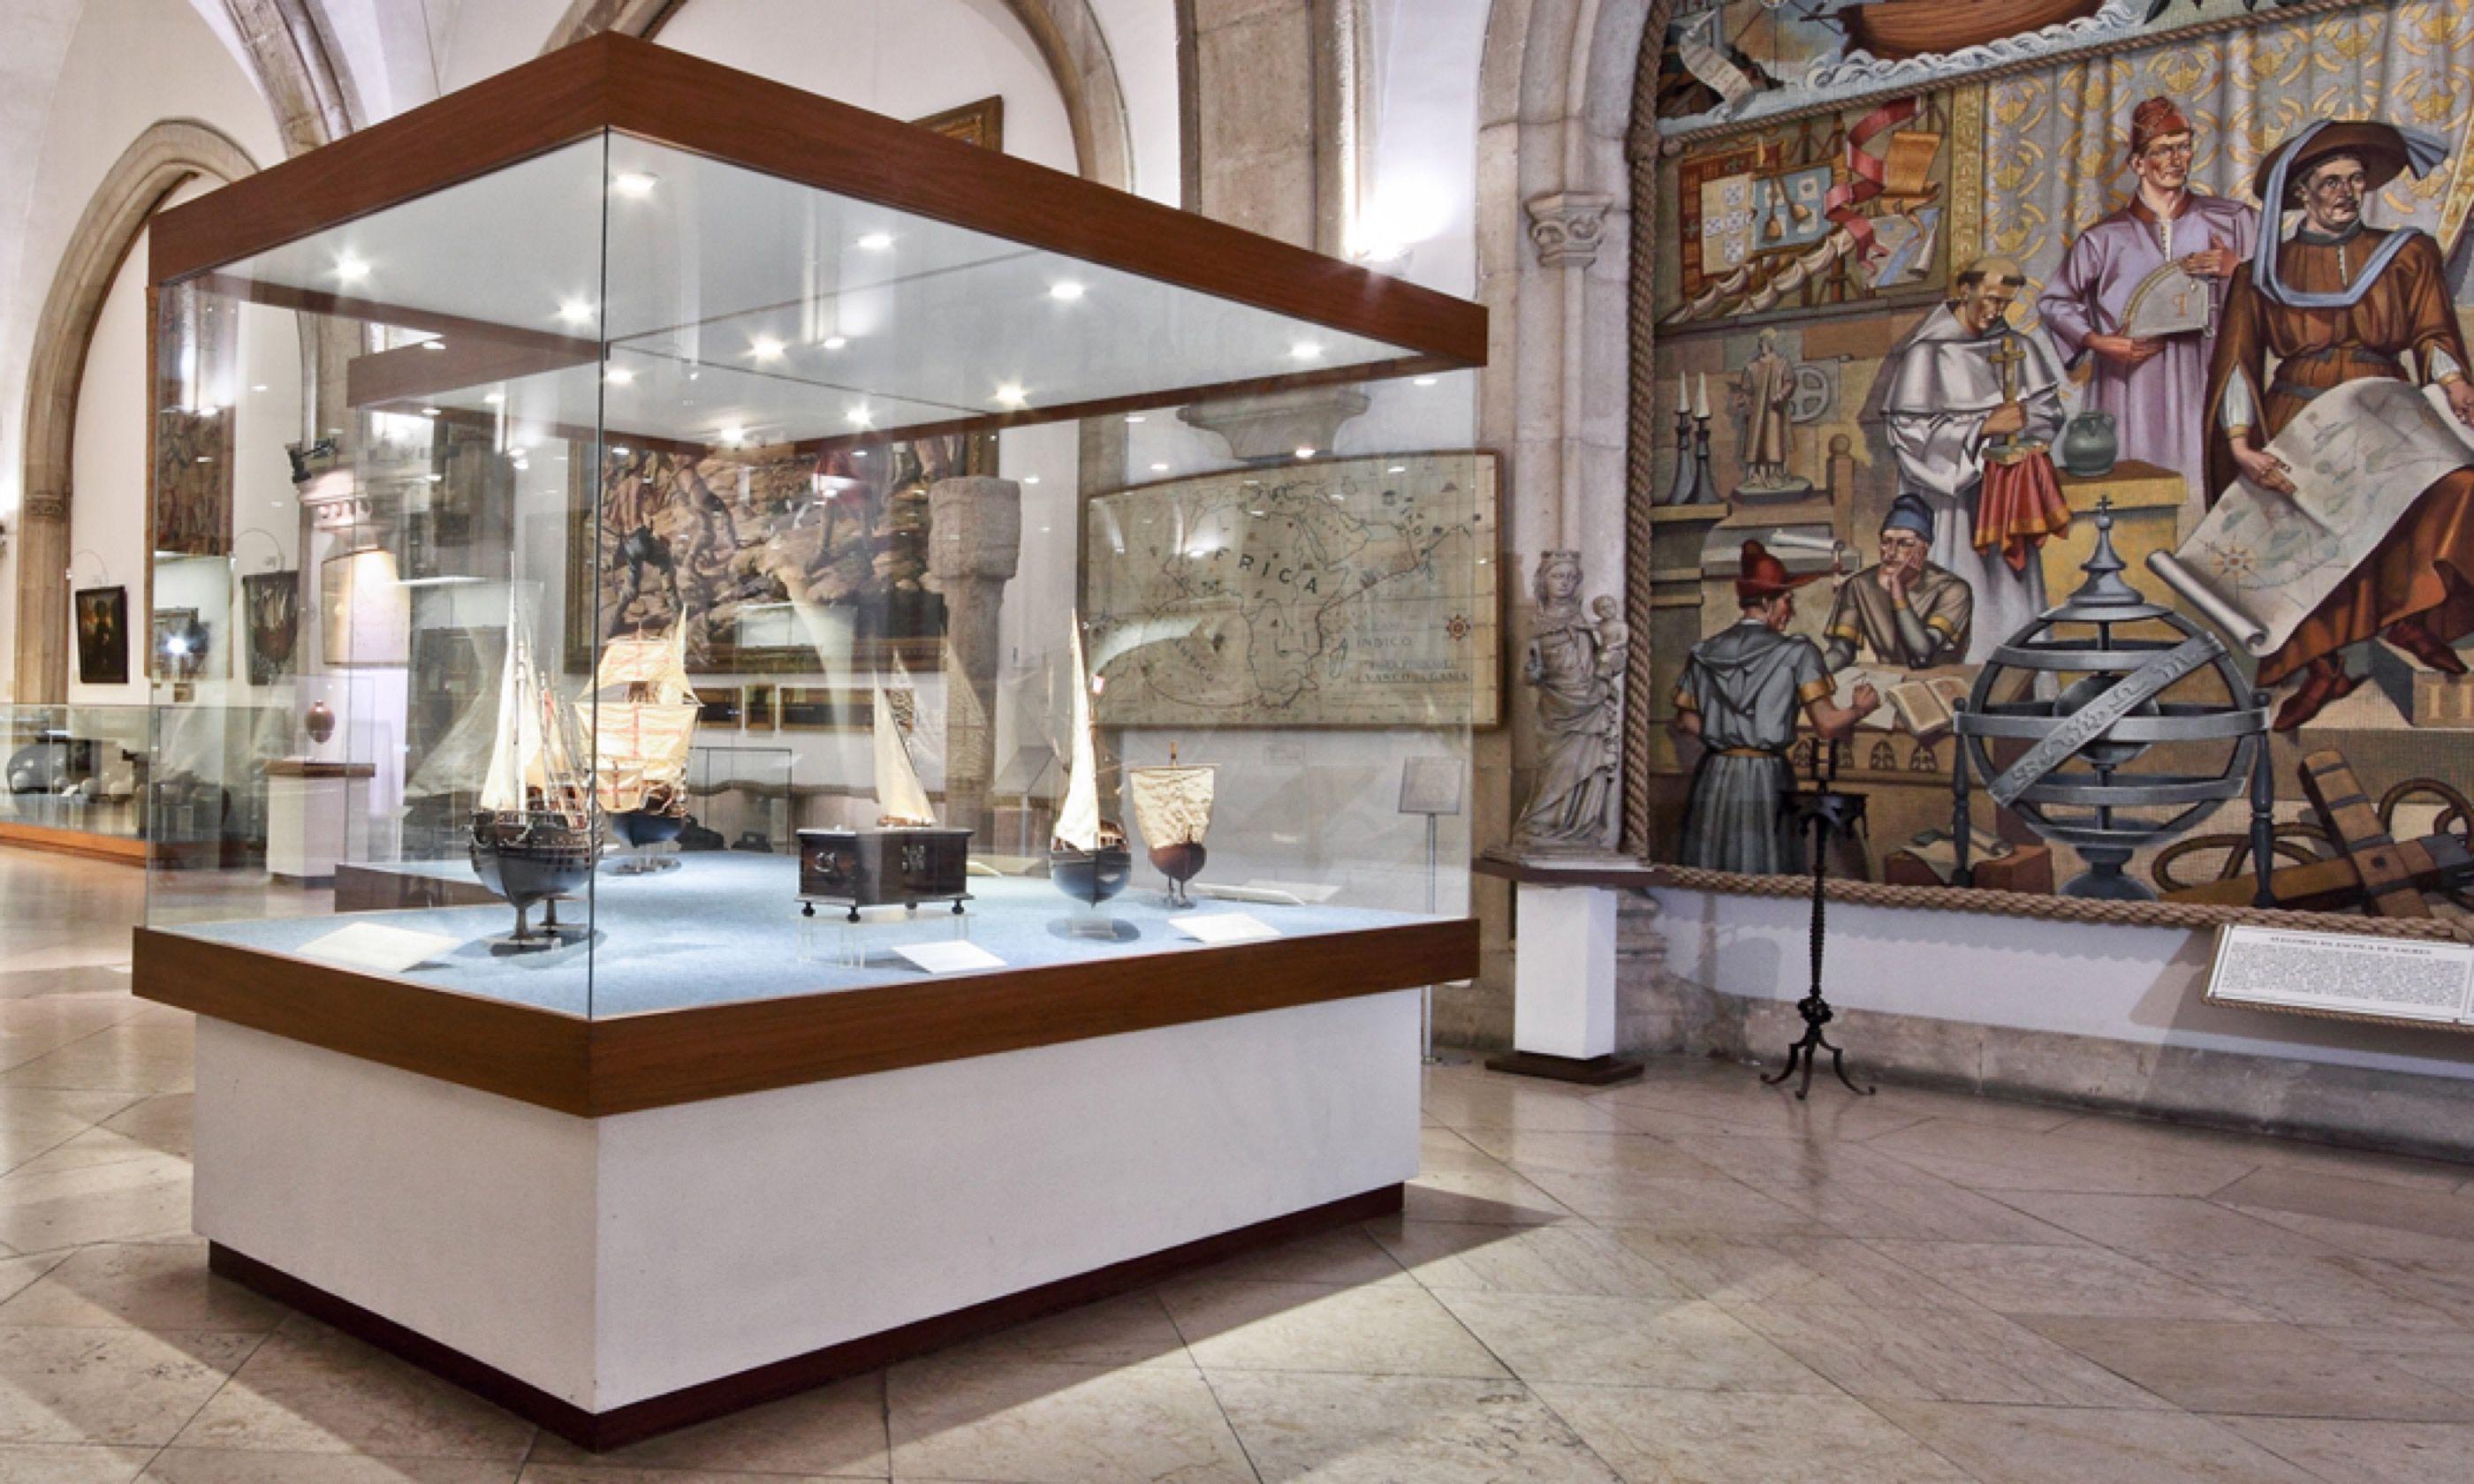 Museum gallery (ccm.marinha.pt)